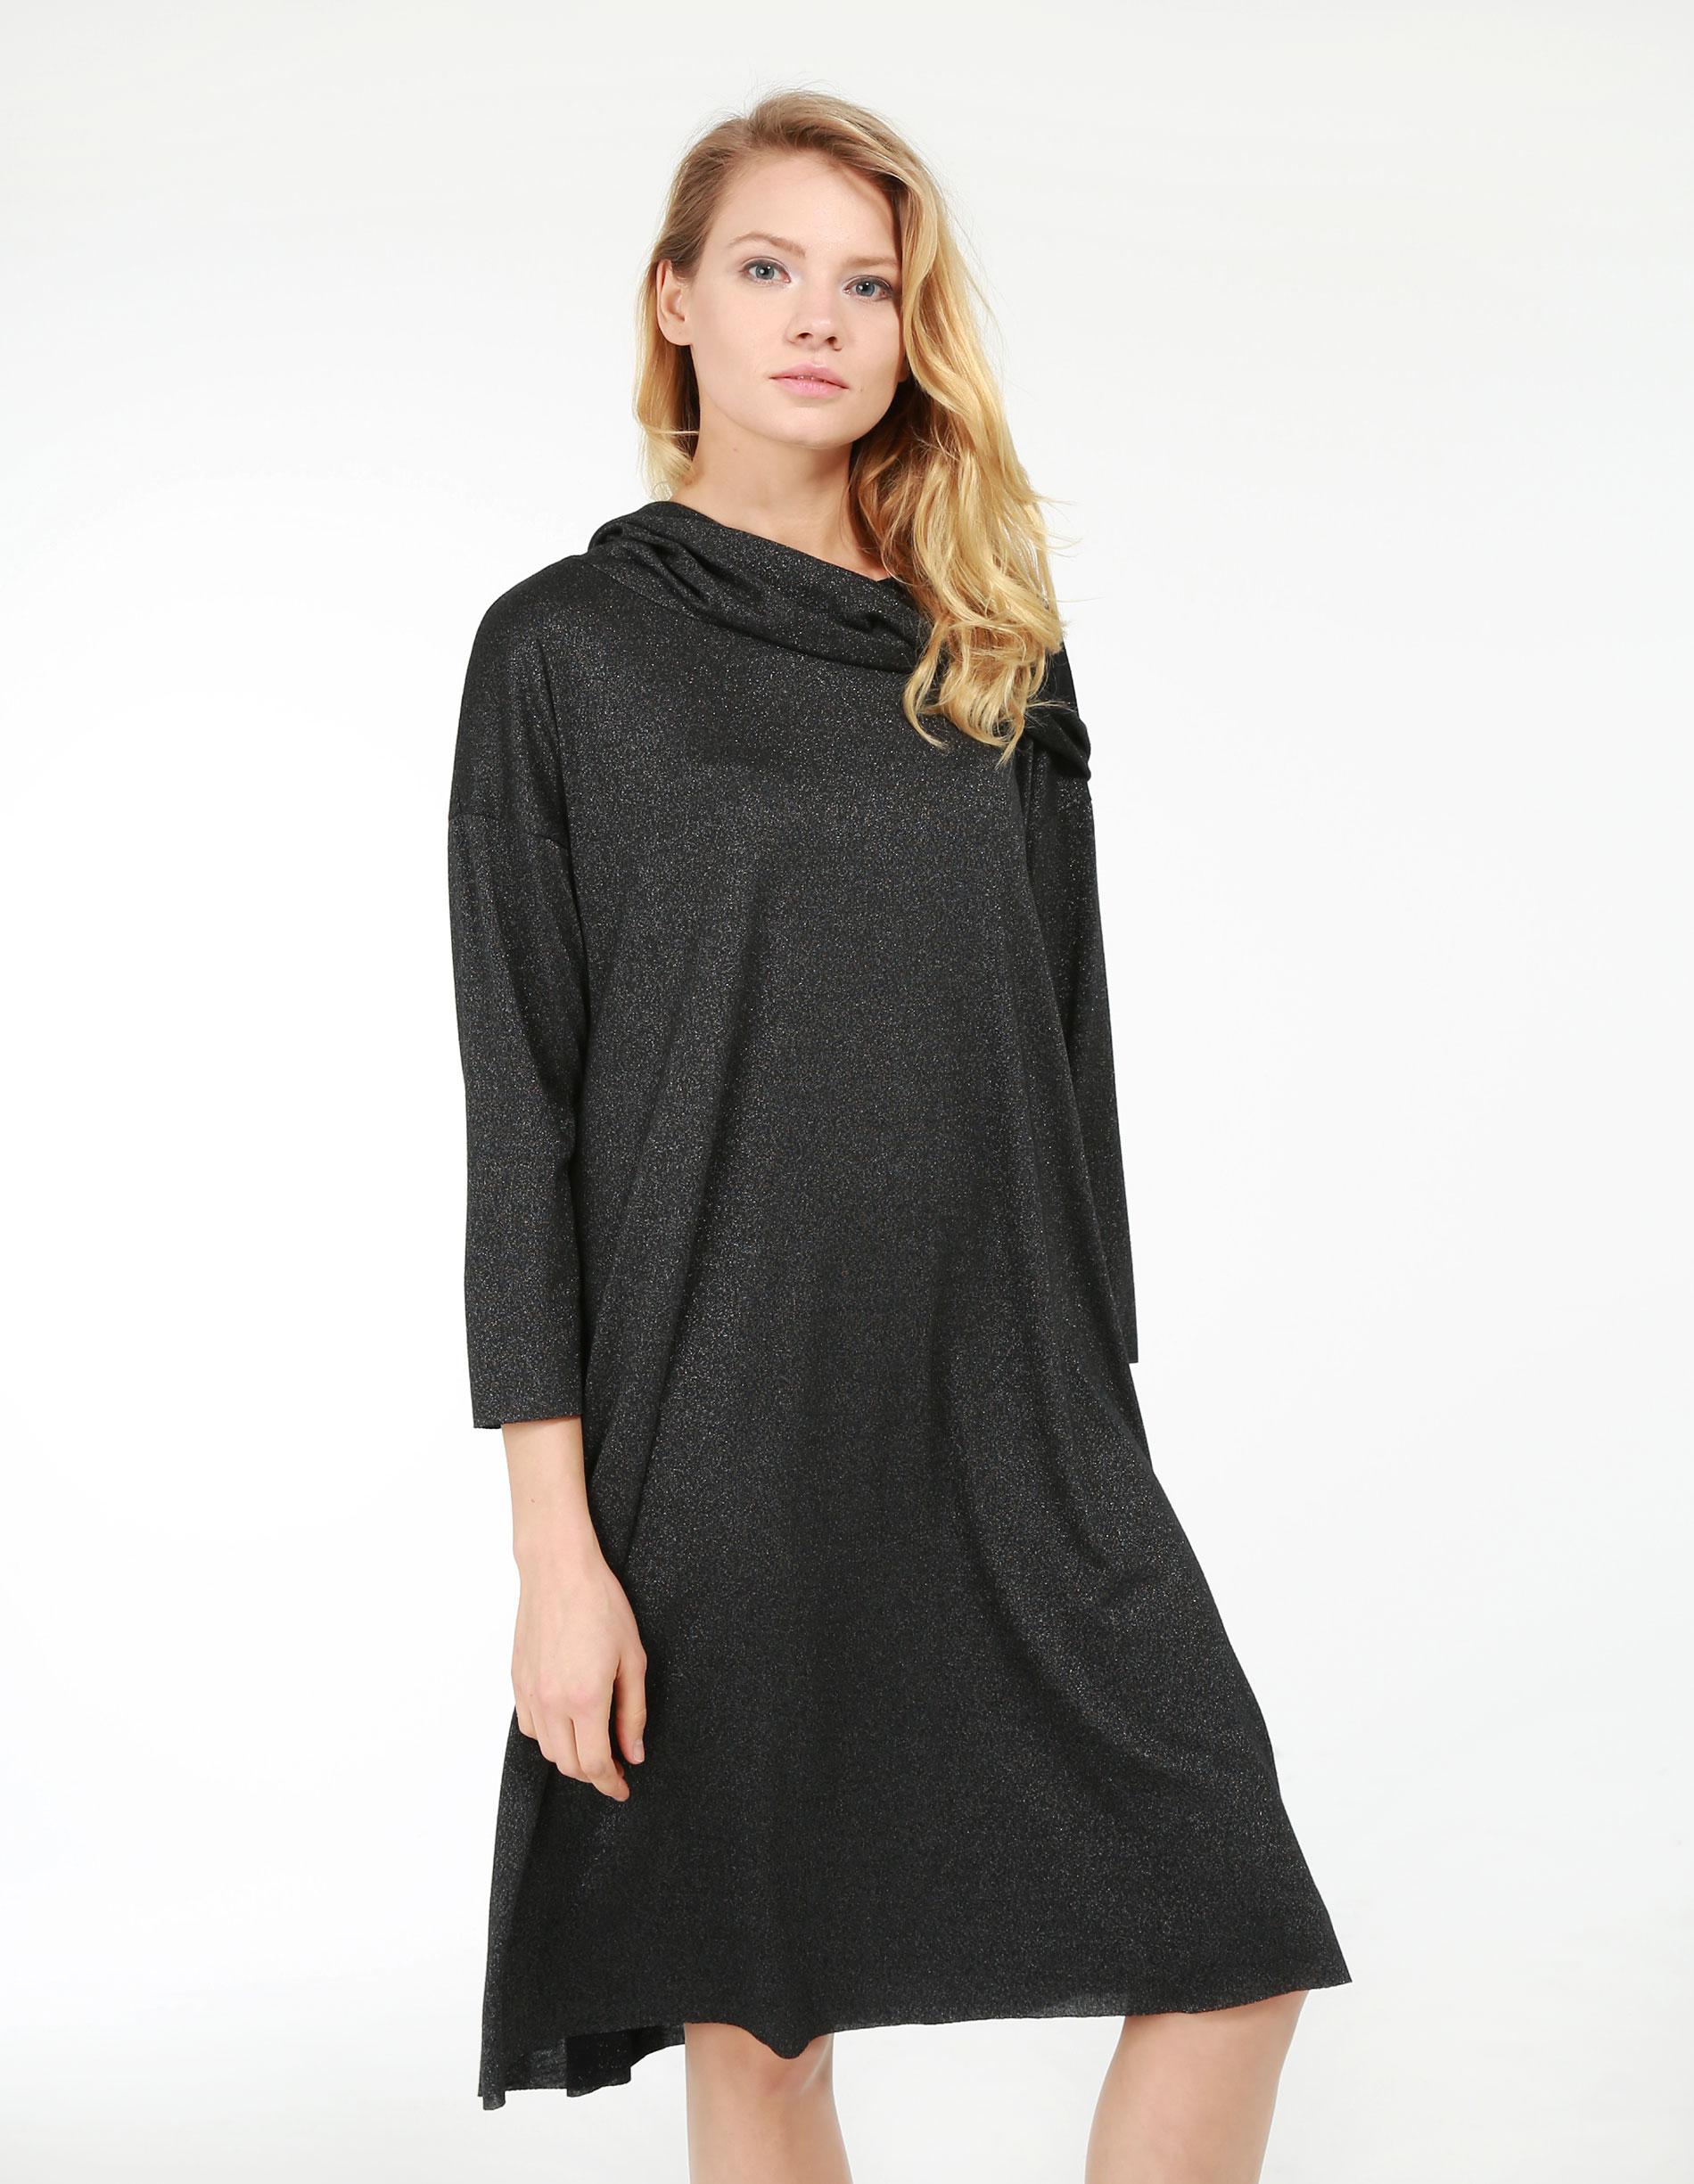 Sukienka - 30-87142VL NE - Unisono